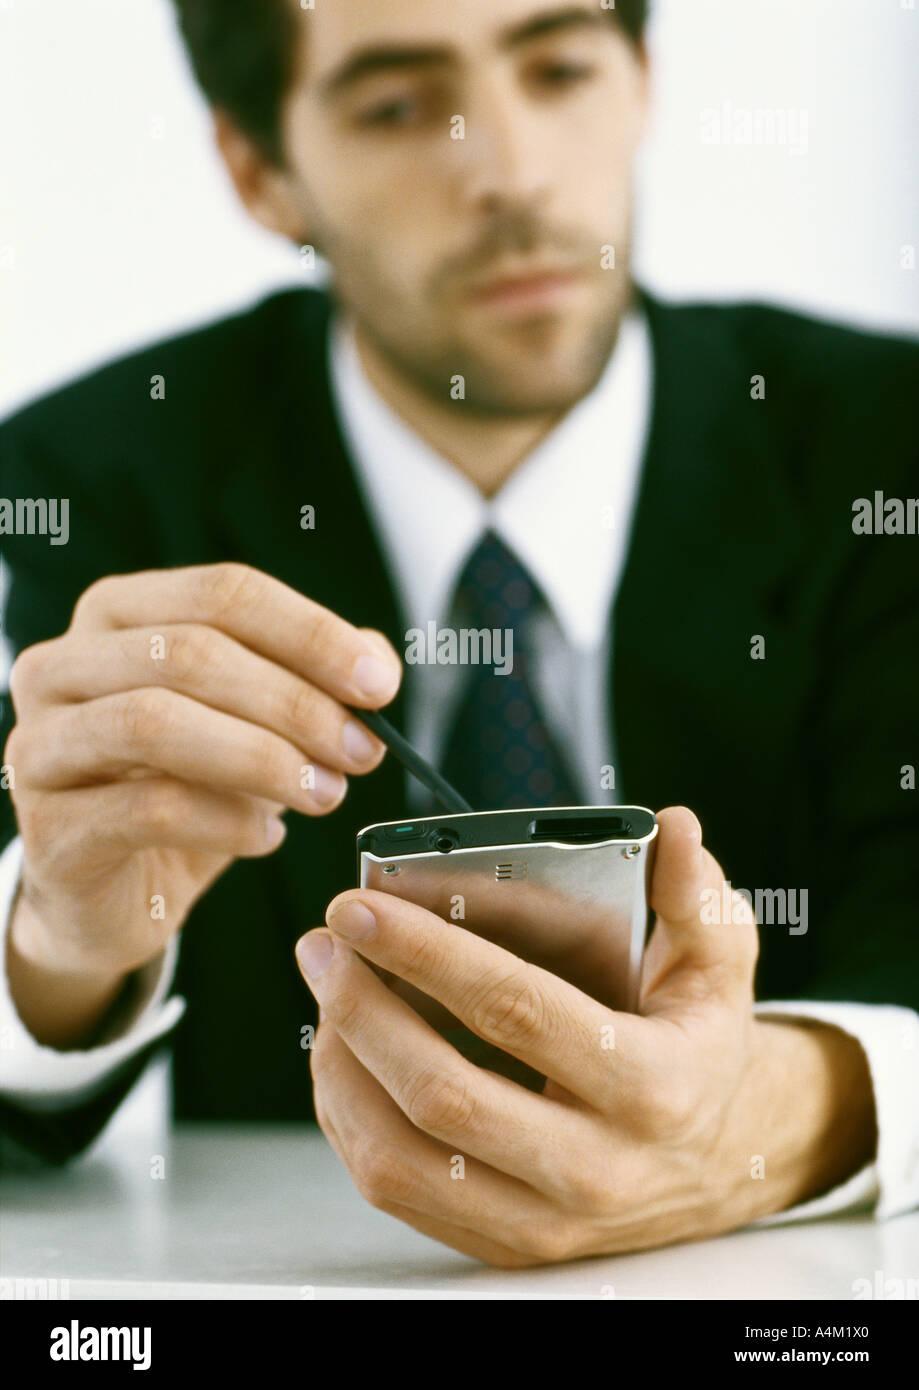 Businessman using electronic organizer - Stock Image